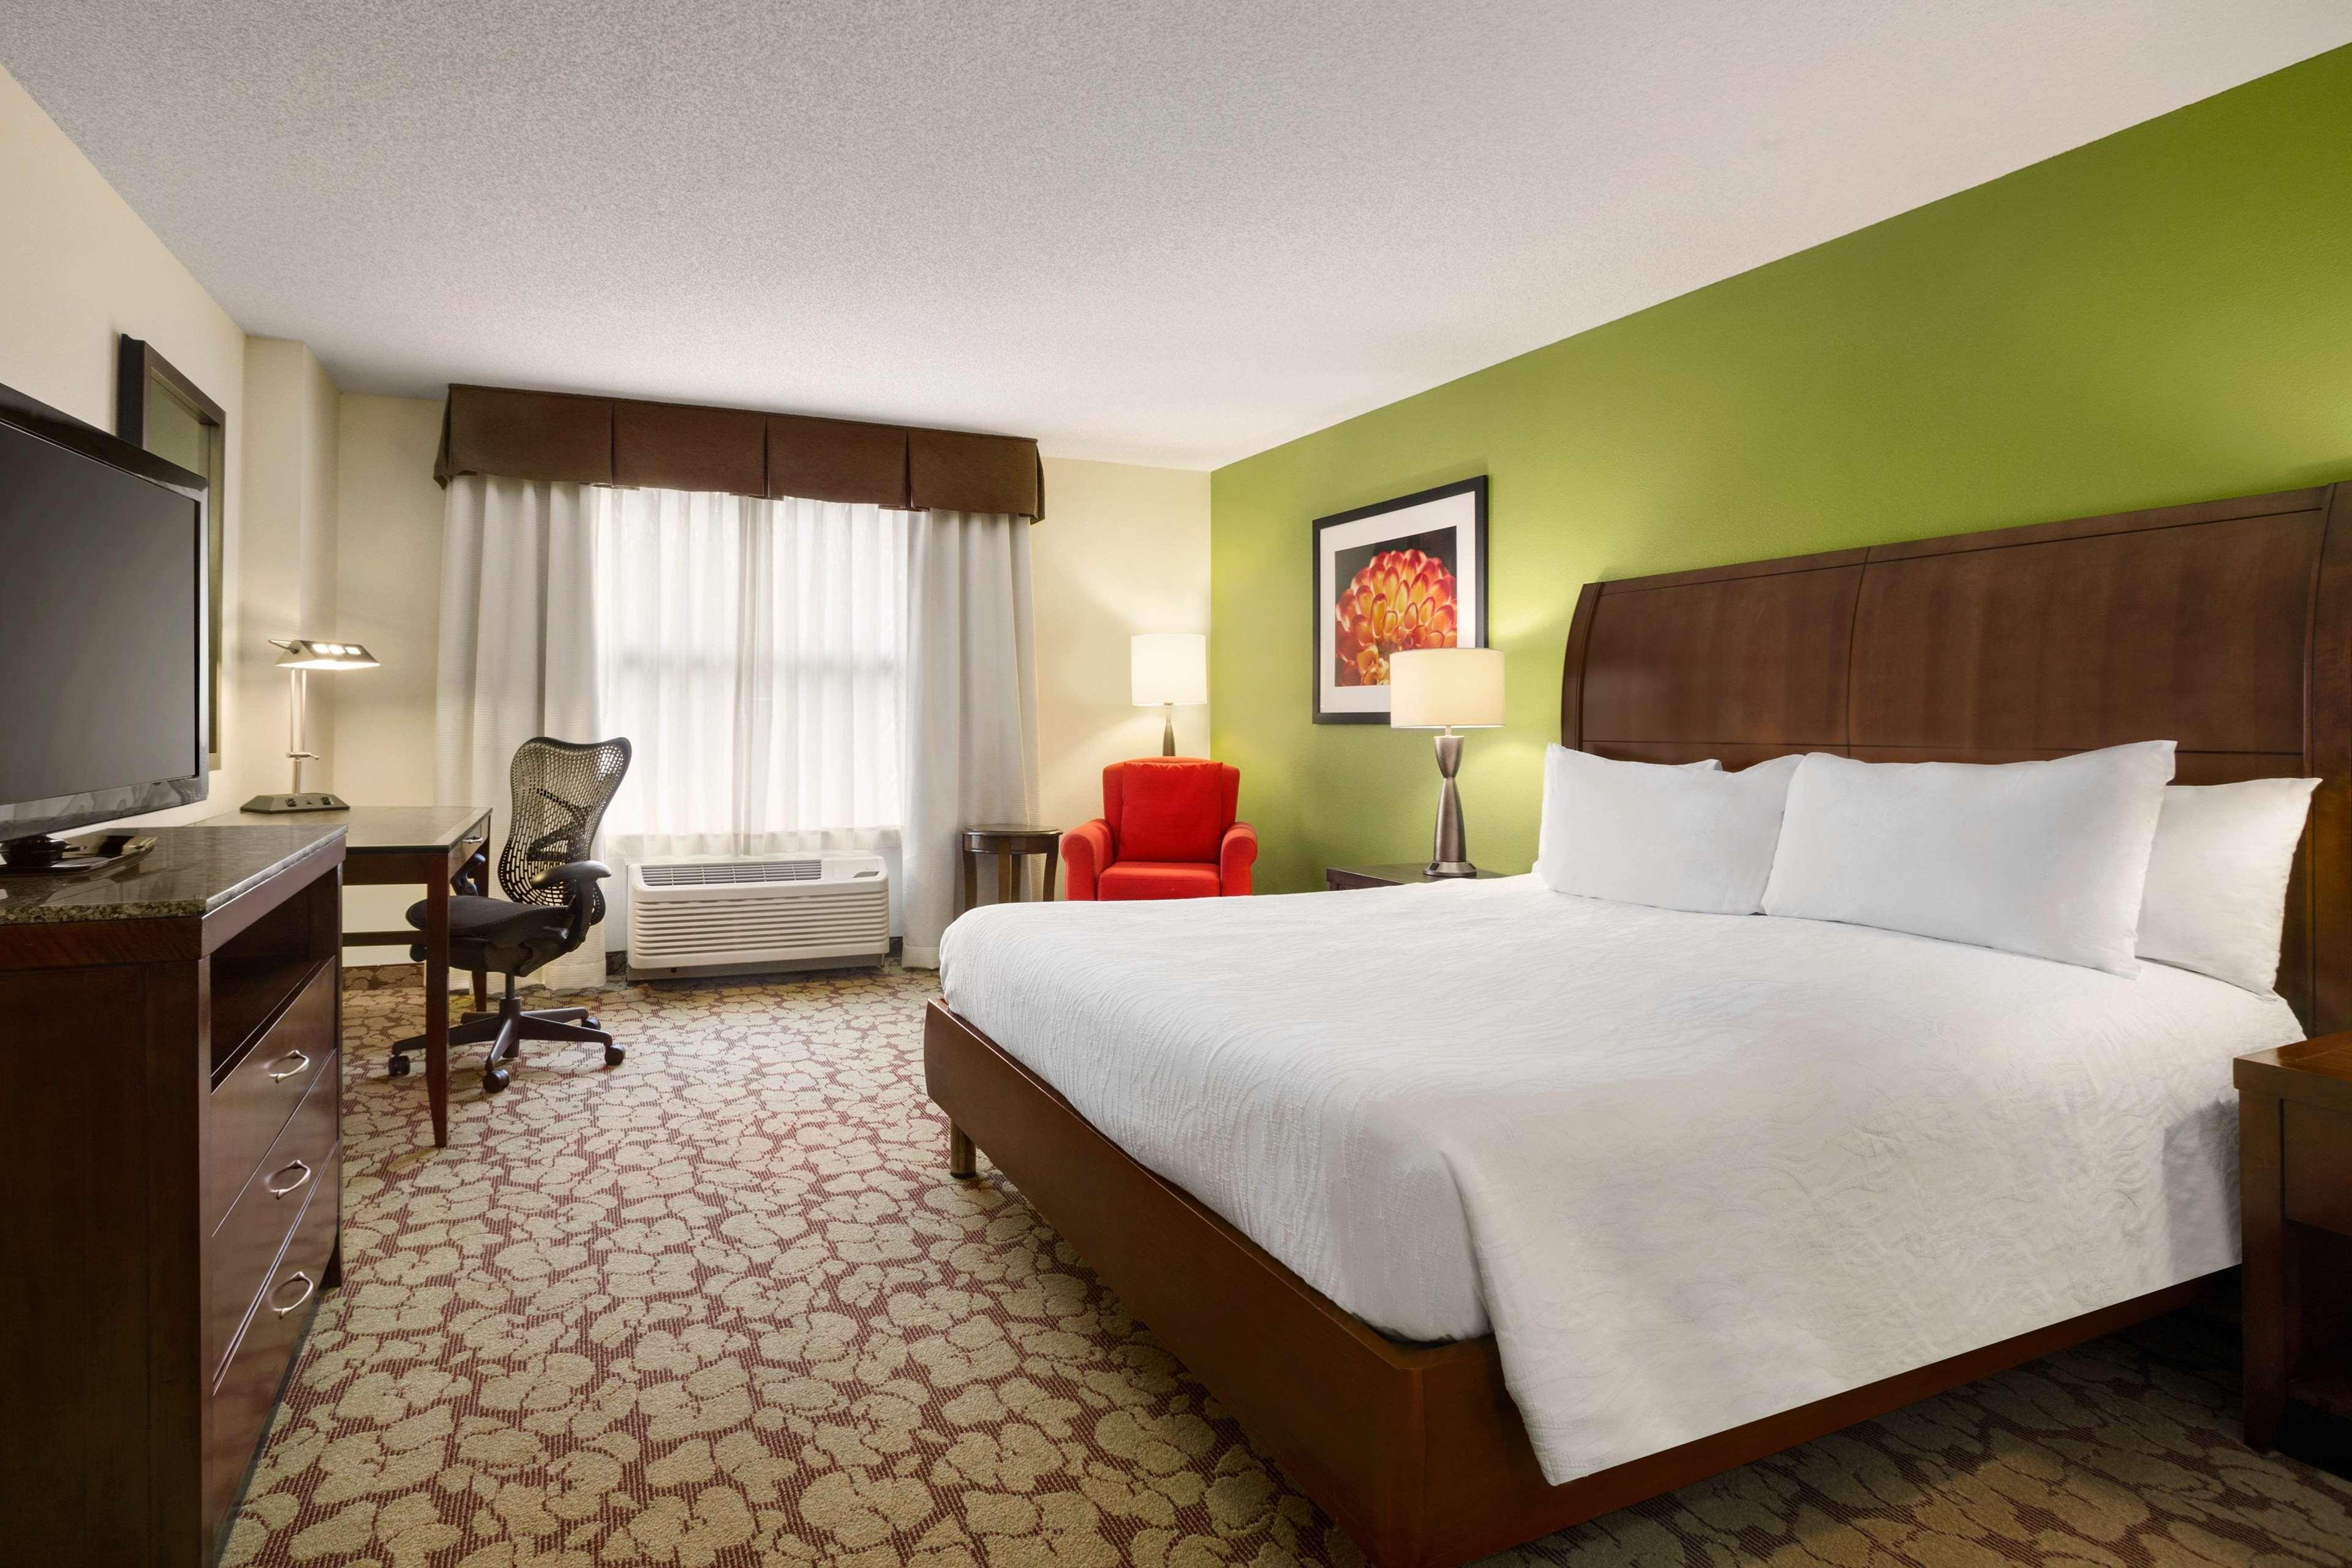 Hilton Garden Inn Atlanta Perimeter Center image 12